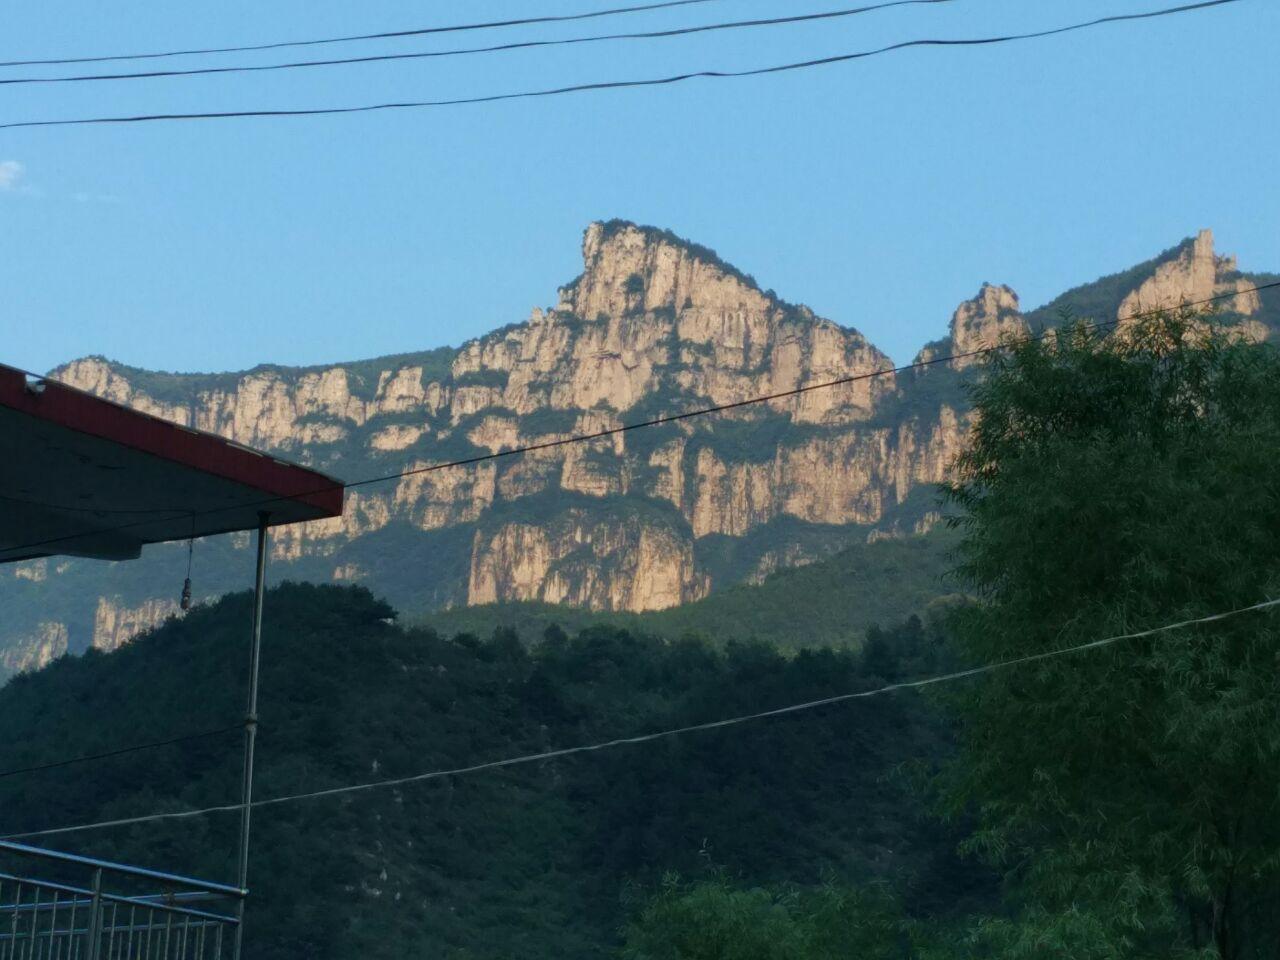 【携程攻略】林州王相岩景点,夏天这里游客多,写生的.